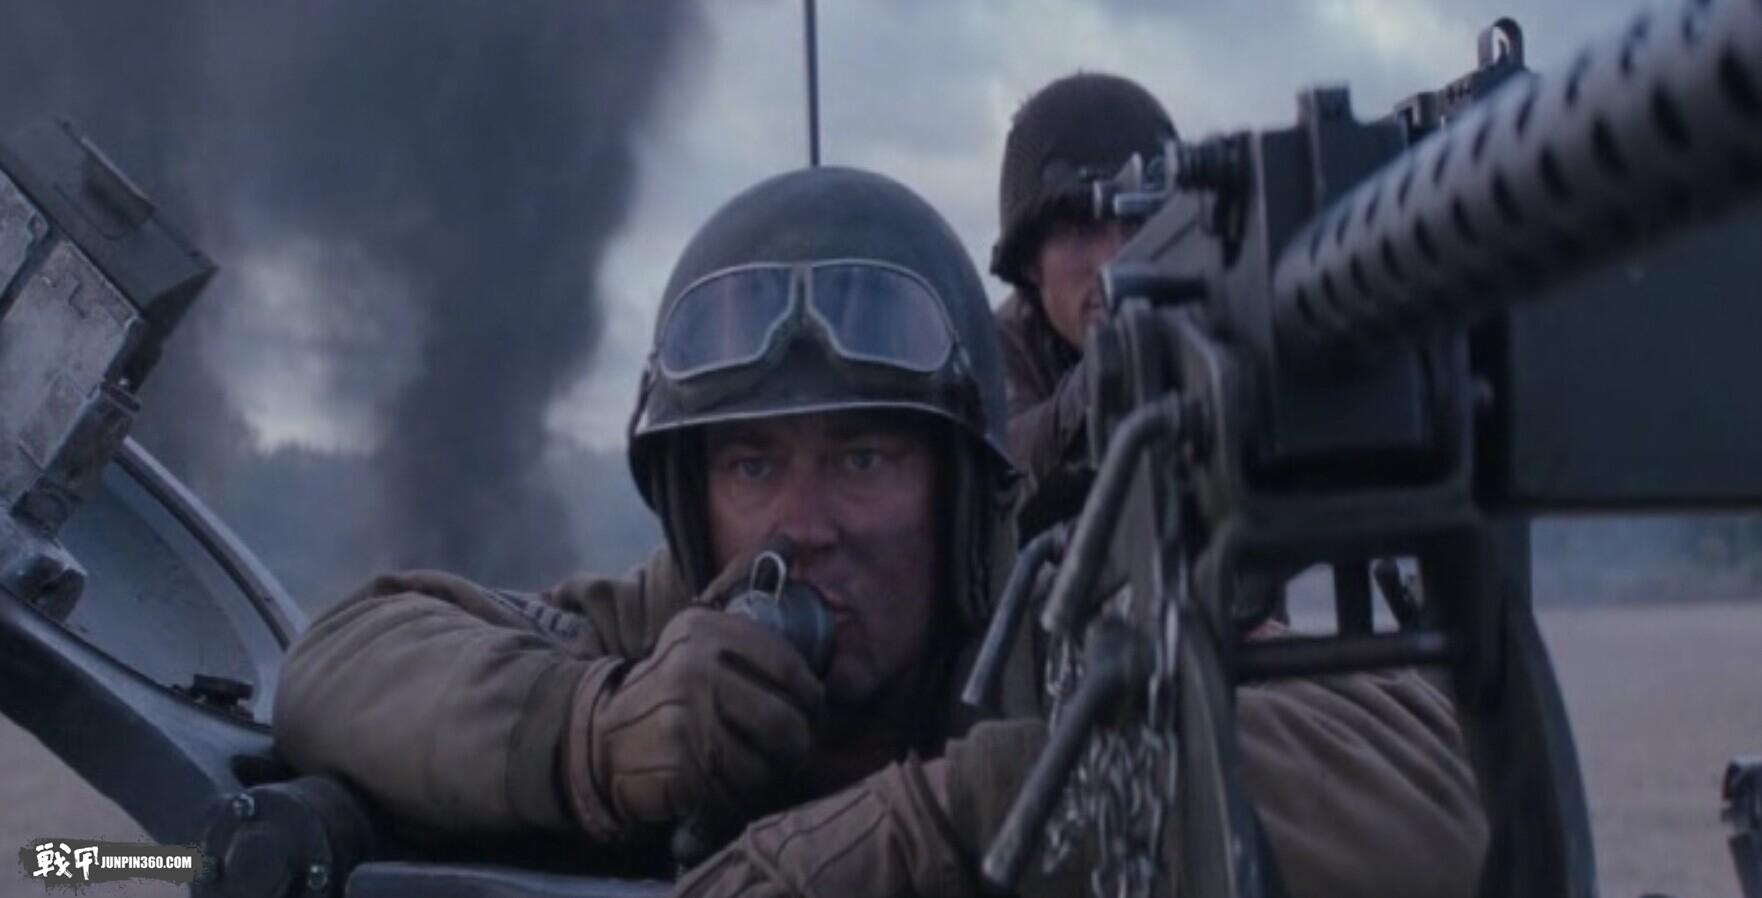 T30喉头送话器&M1938护目镜.jpg